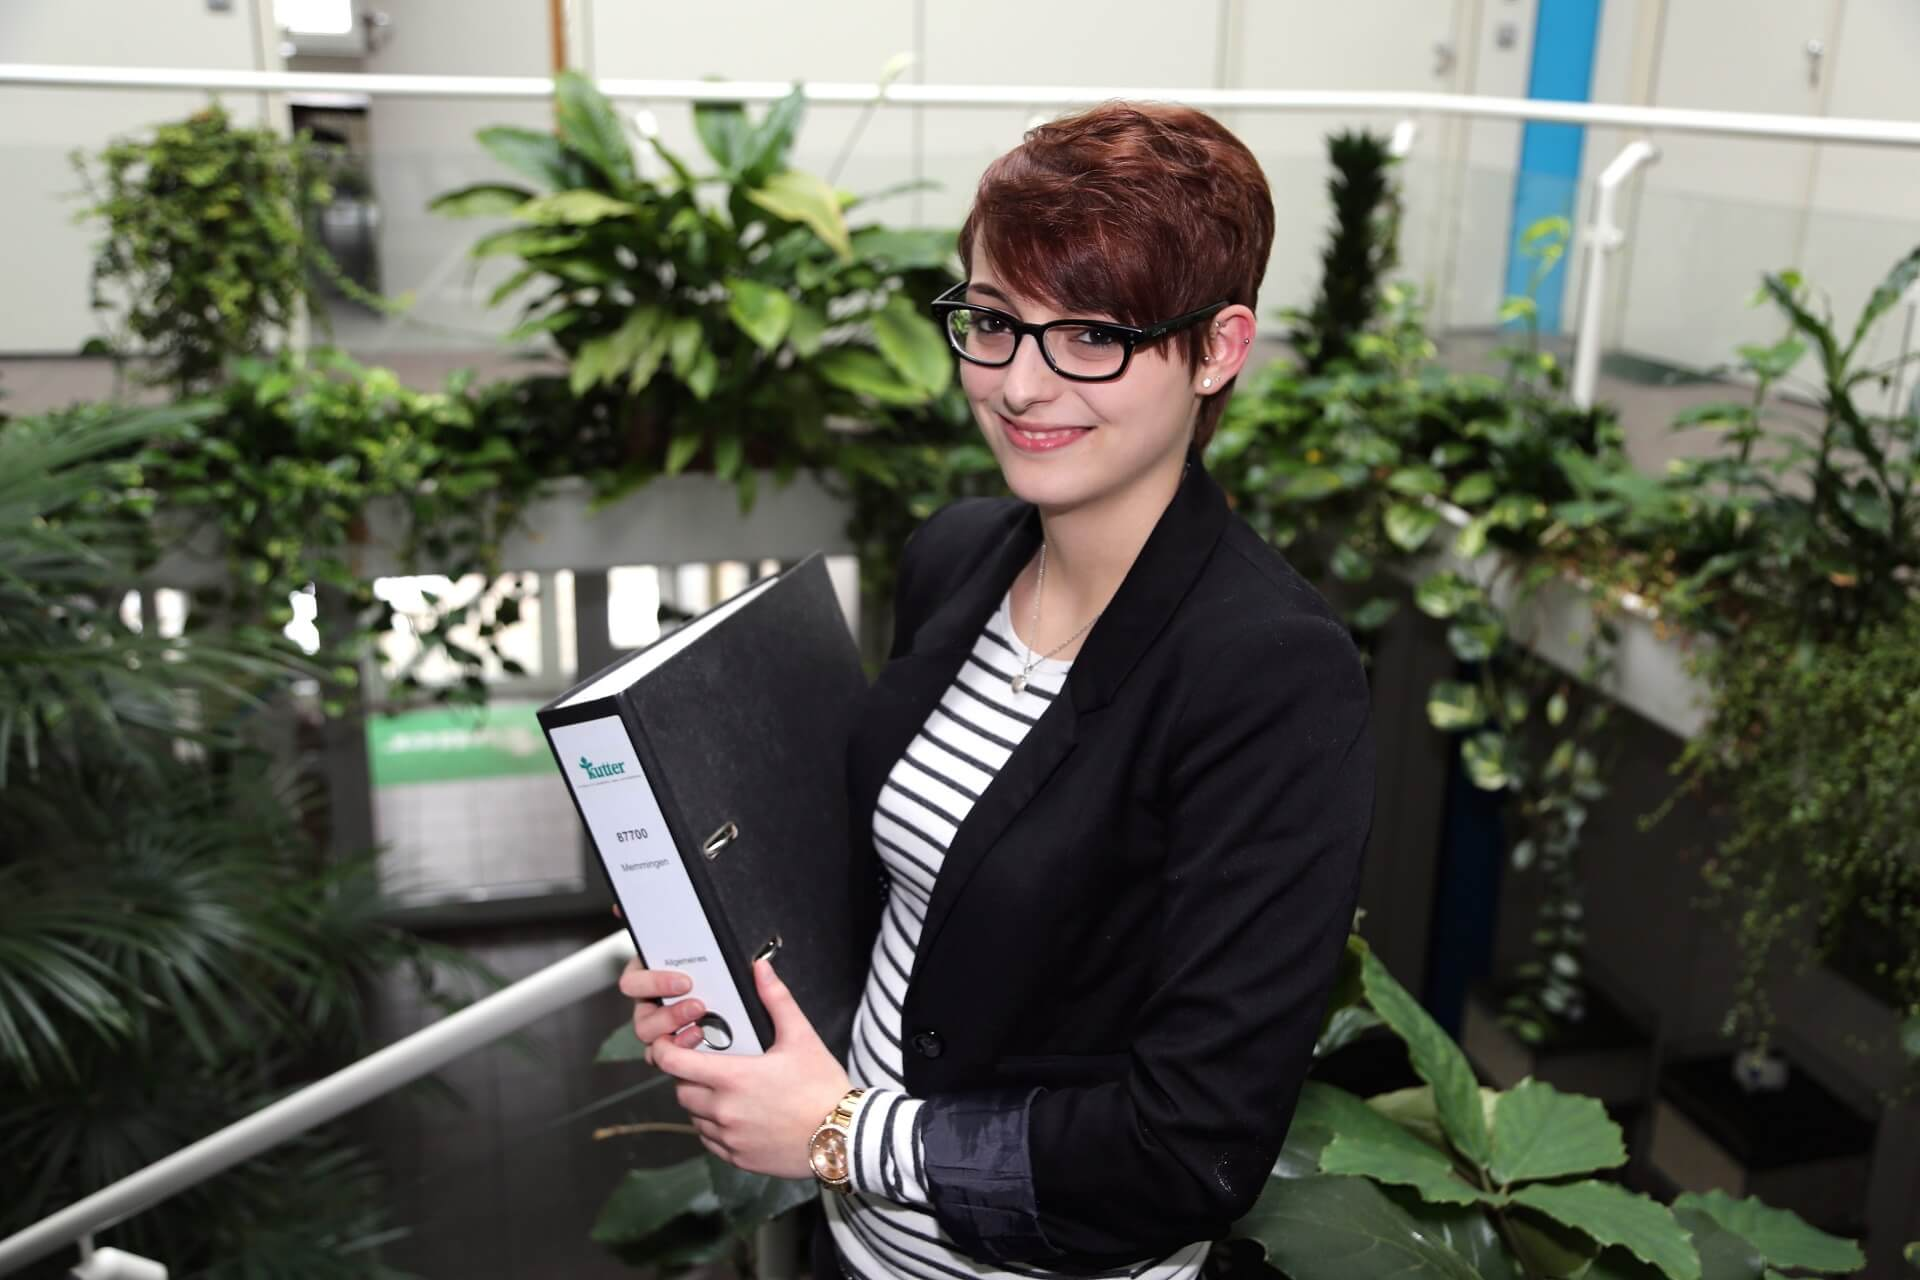 Junge Frau mit kurzen Haaren und Bürokleidung hält einen Ordner und lächelt in die Kamera